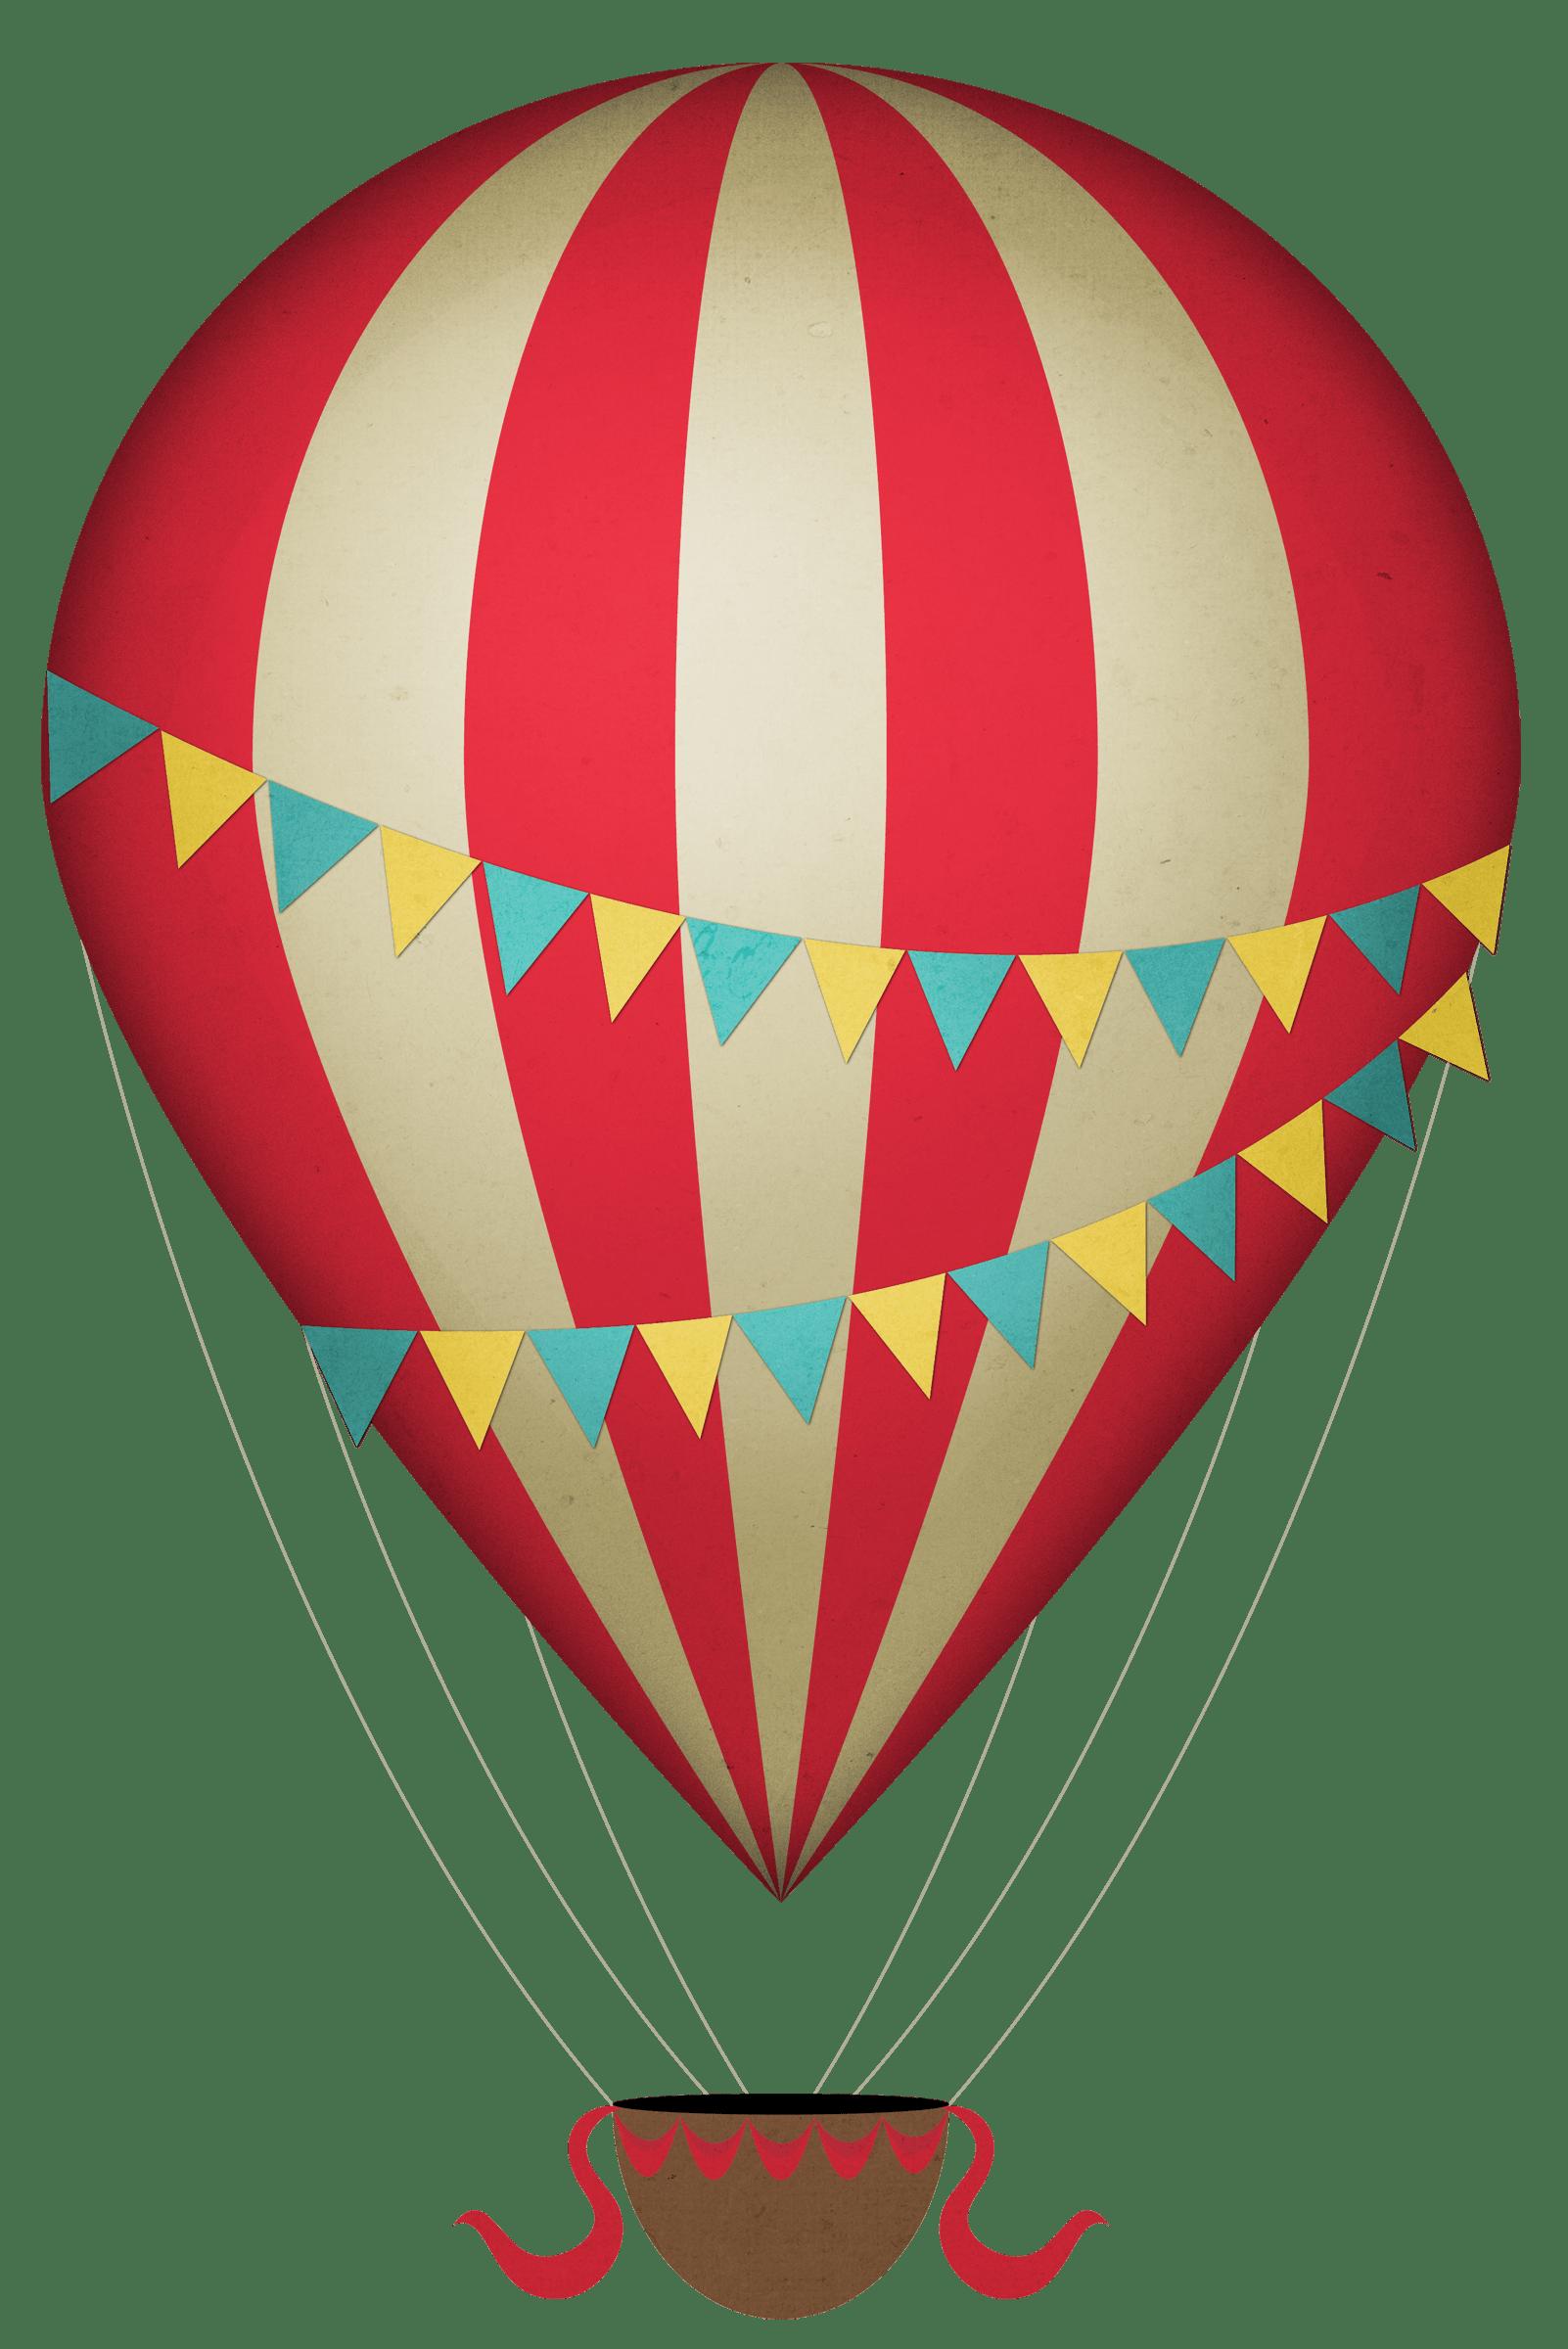 Vintage Clipart Hot Air Balloon Hot Air Balloon Clipart Hot Air Balloon Drawing Balloon Clipart